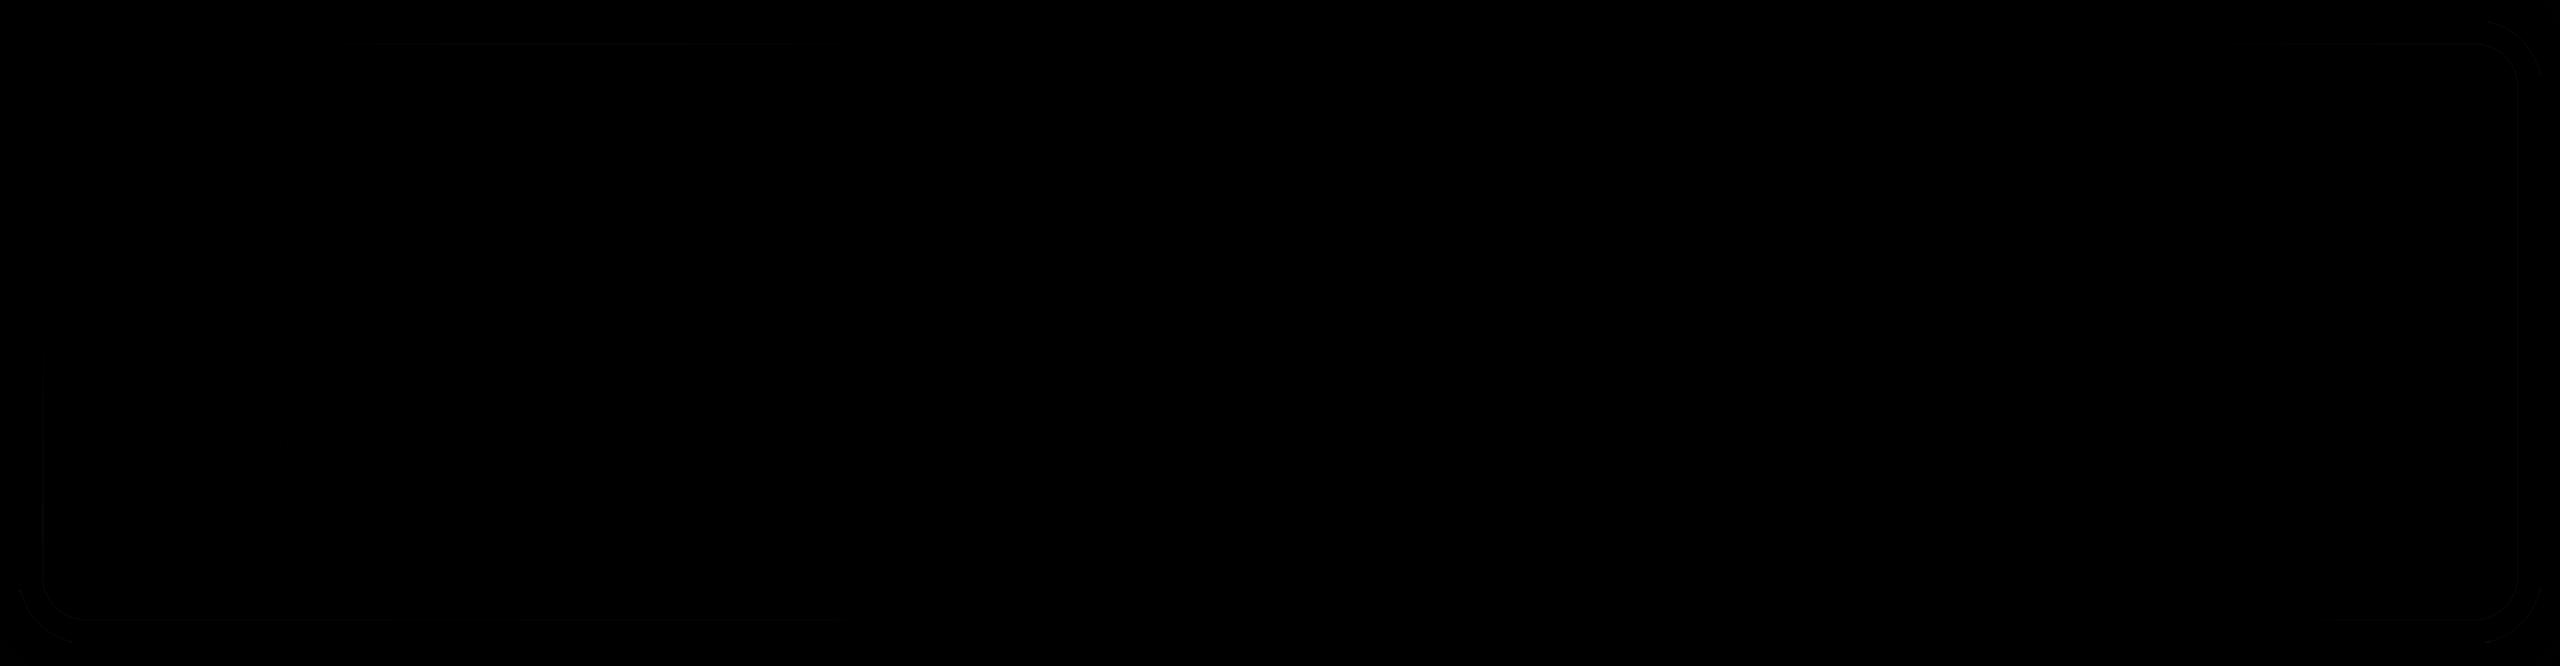 10ARTCC